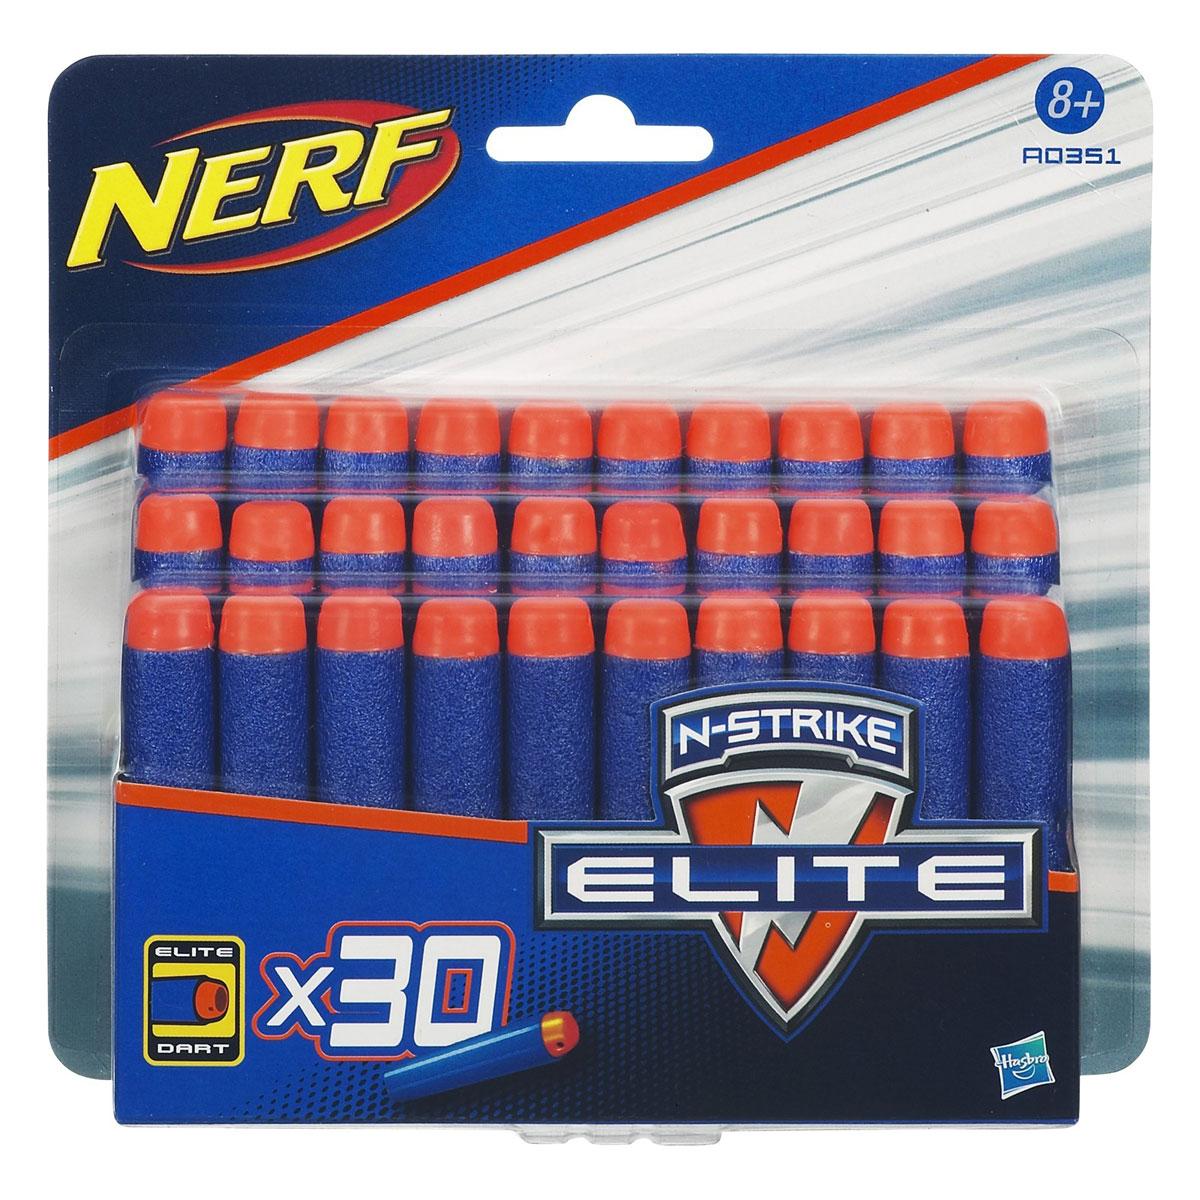 Набор стрел Nerf для бластеров Elite, 30 штA0351E35Запасные стрелы Nerf подходят для всех бластеров линейки N-Strike Elite. Они выполнены из гибкого вспененного полимера. В комплекте 30 стрел. Игры с бластером помогут ребенку в развитии меткости, ловкости, координации движений и сноровки.